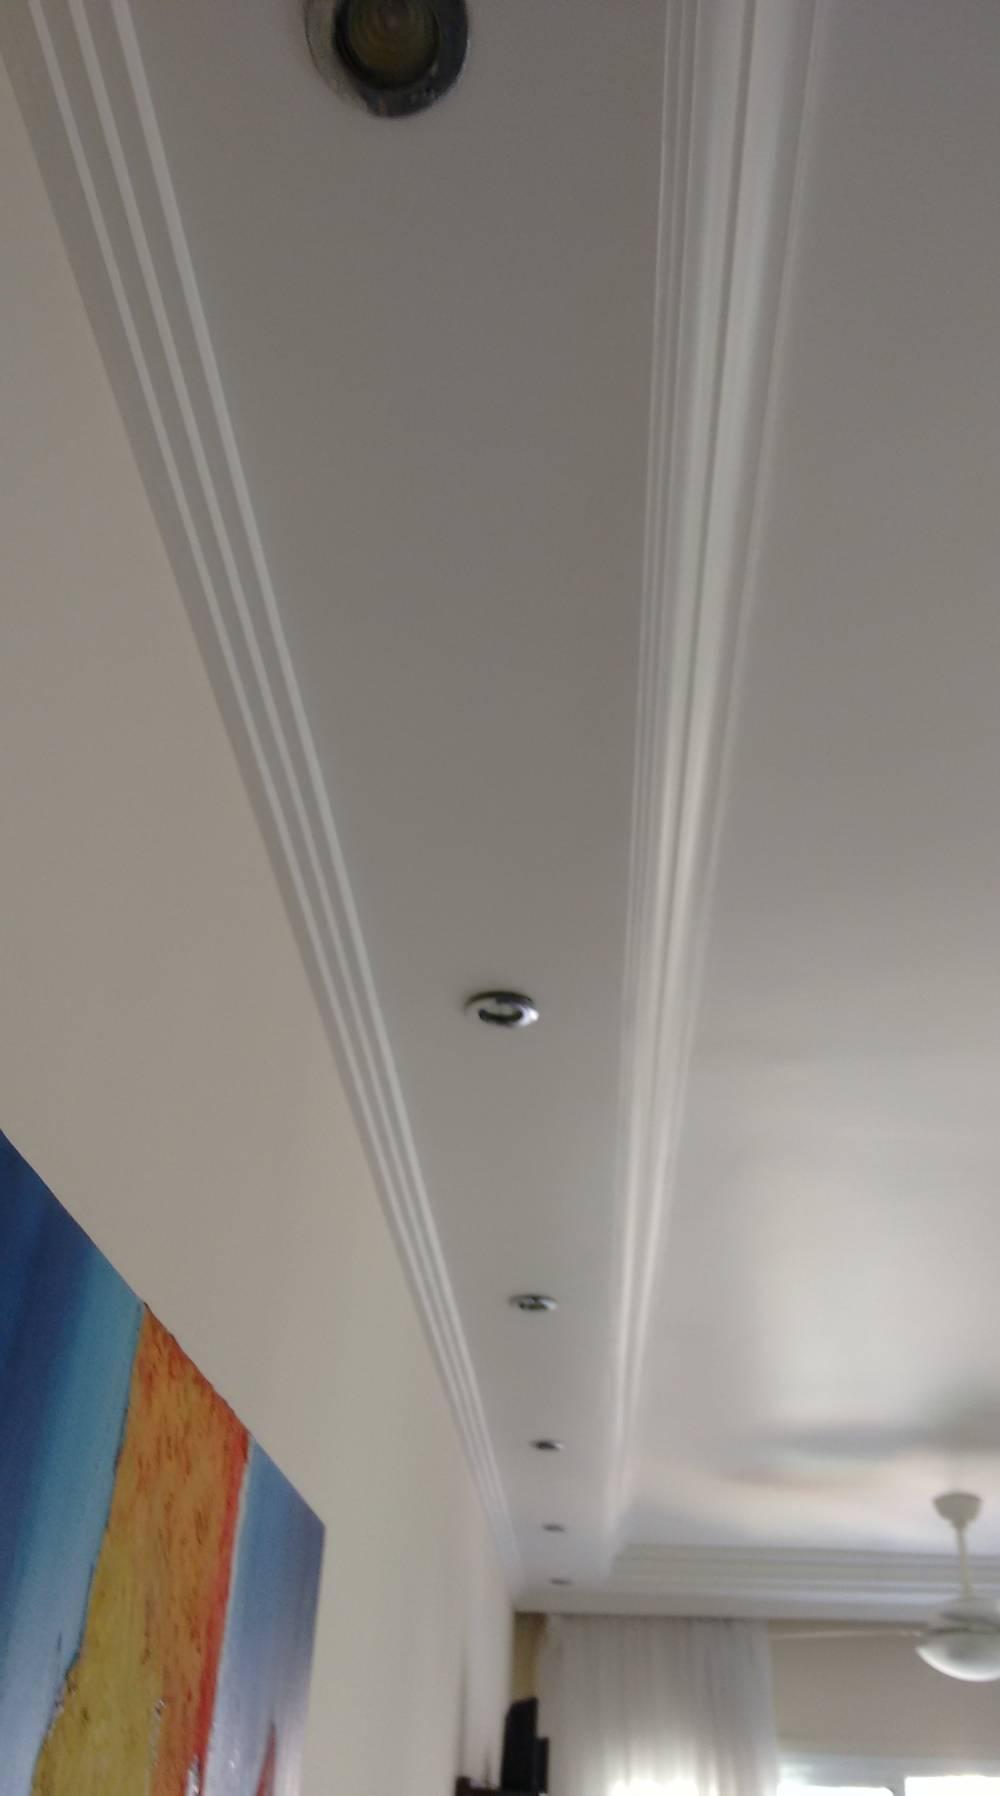 Preciso de Empresa para Instalação Elétrica Residencial no Jardim Silvana - Manutenção de Eletricidade Residencial